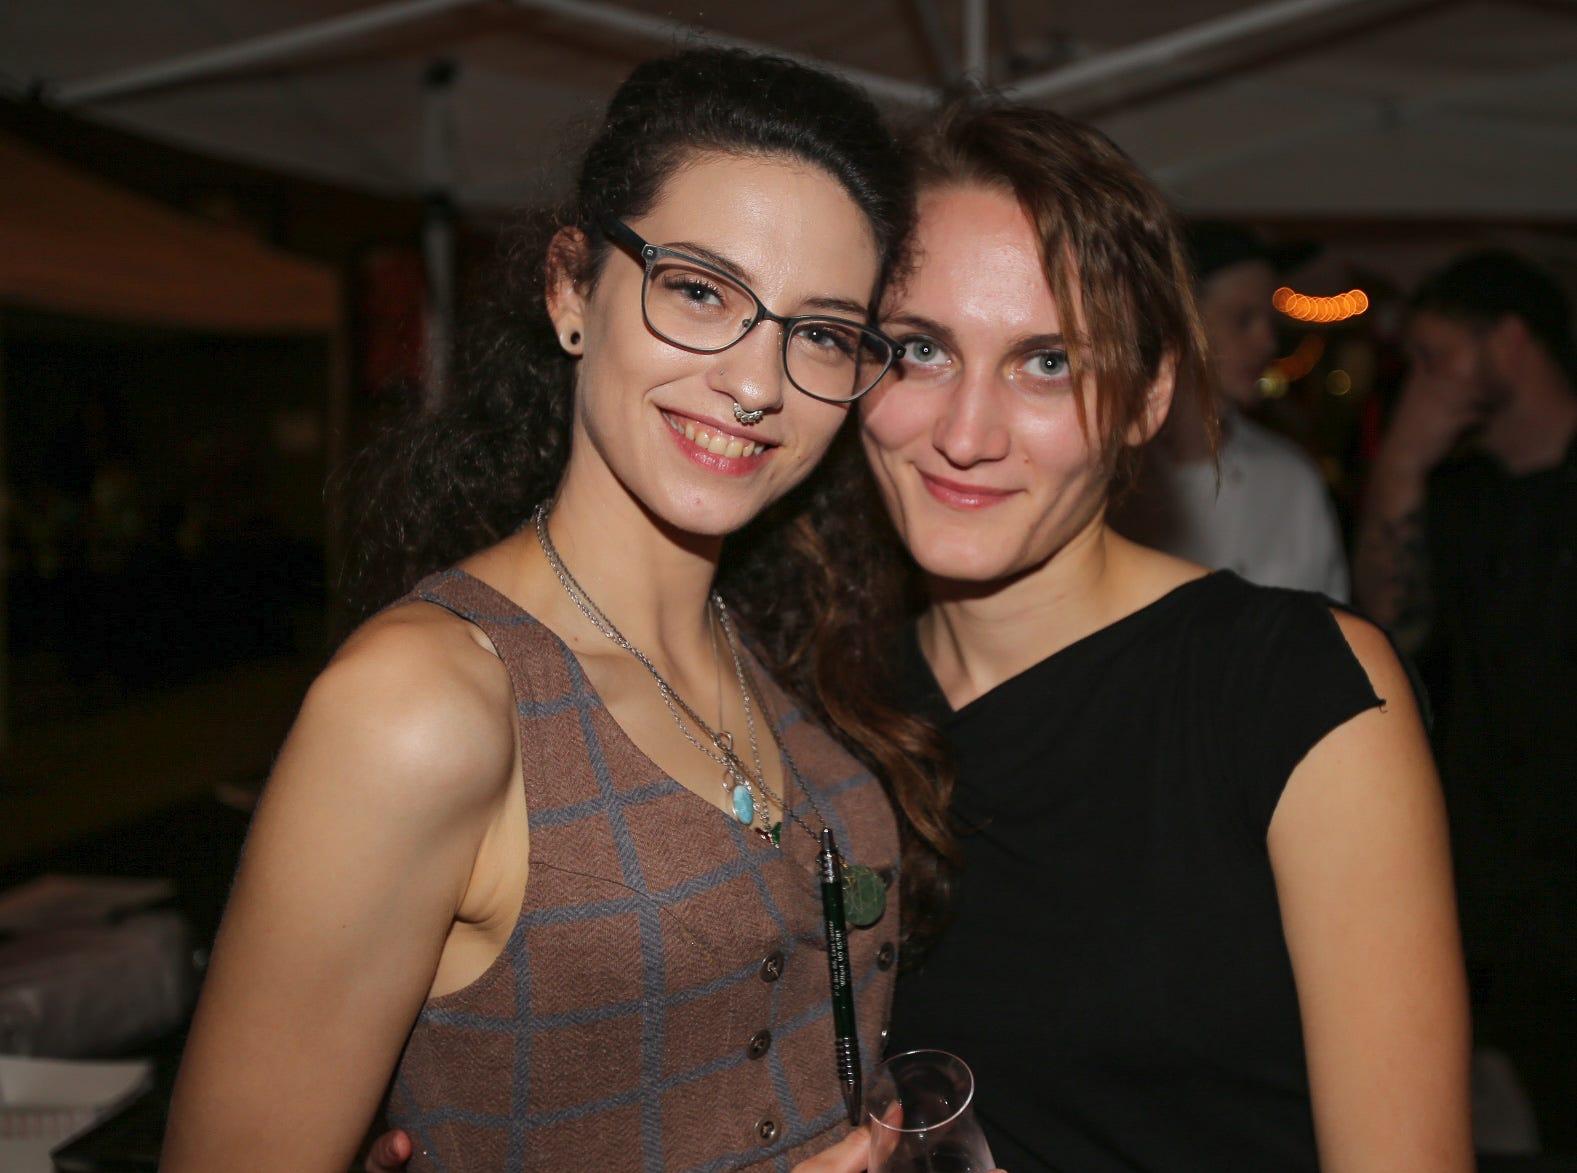 Caity Joyce and Emily Johns